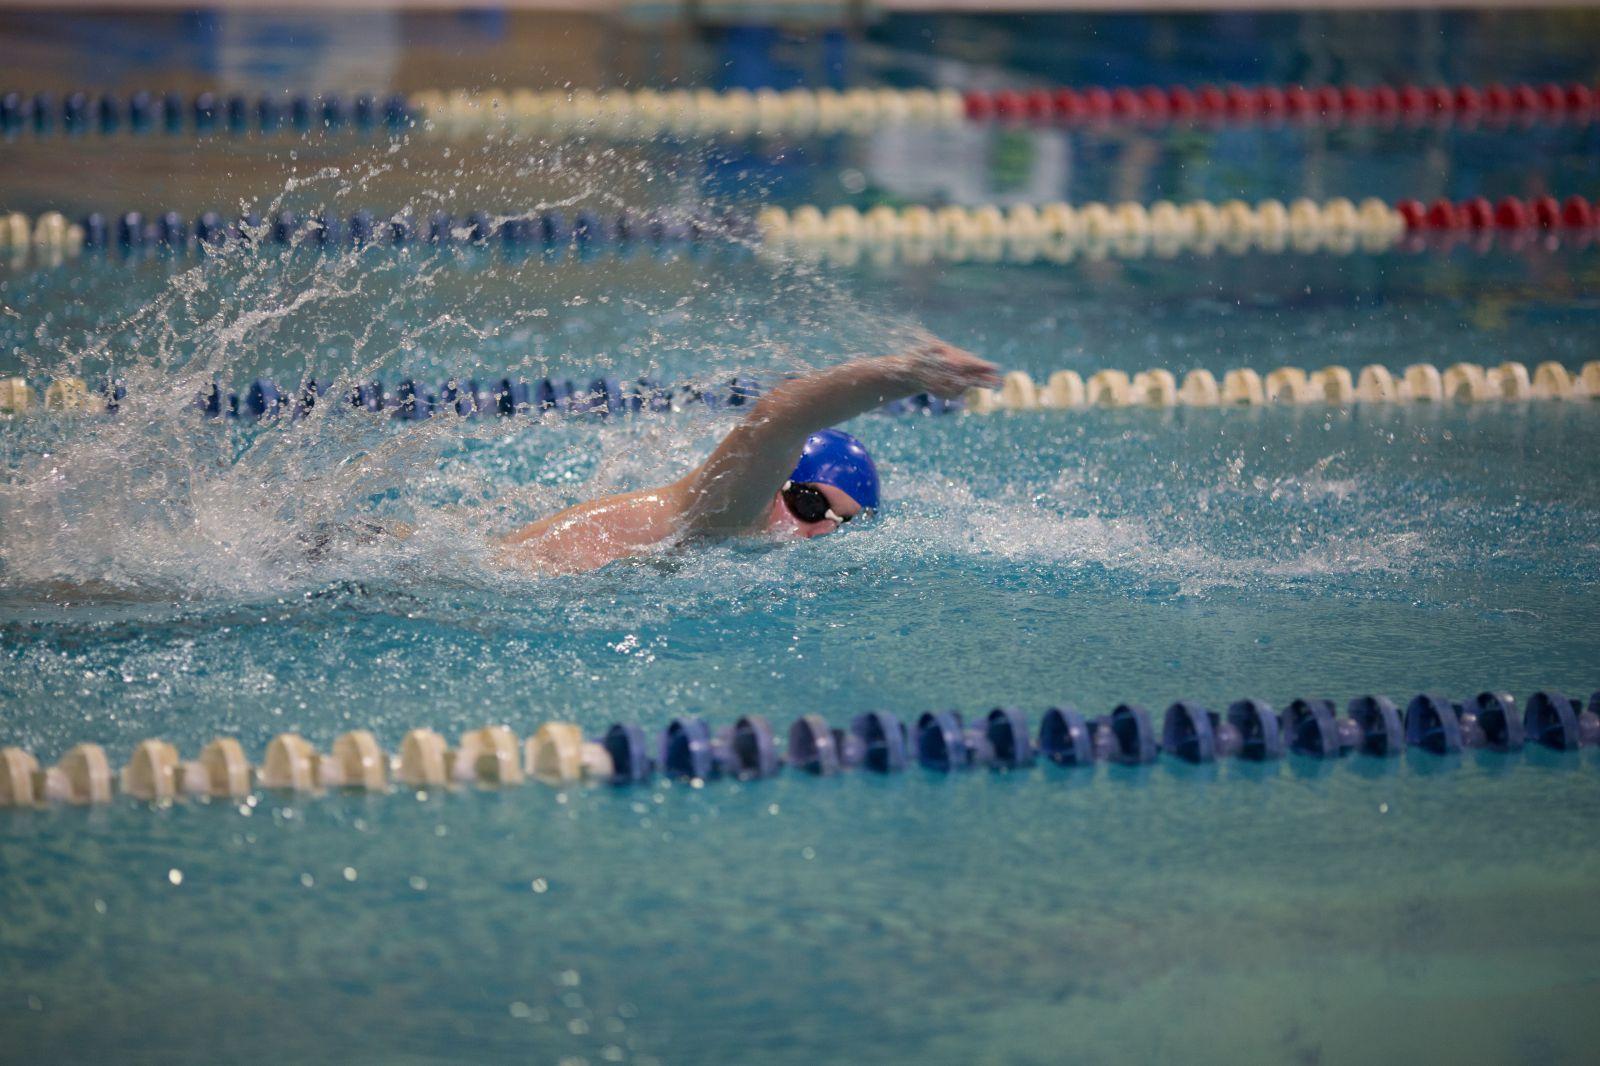 Сборная Москвы выиграла командный зачет первенства России по плаванию спорта лиц с ПОДА в Смоленске